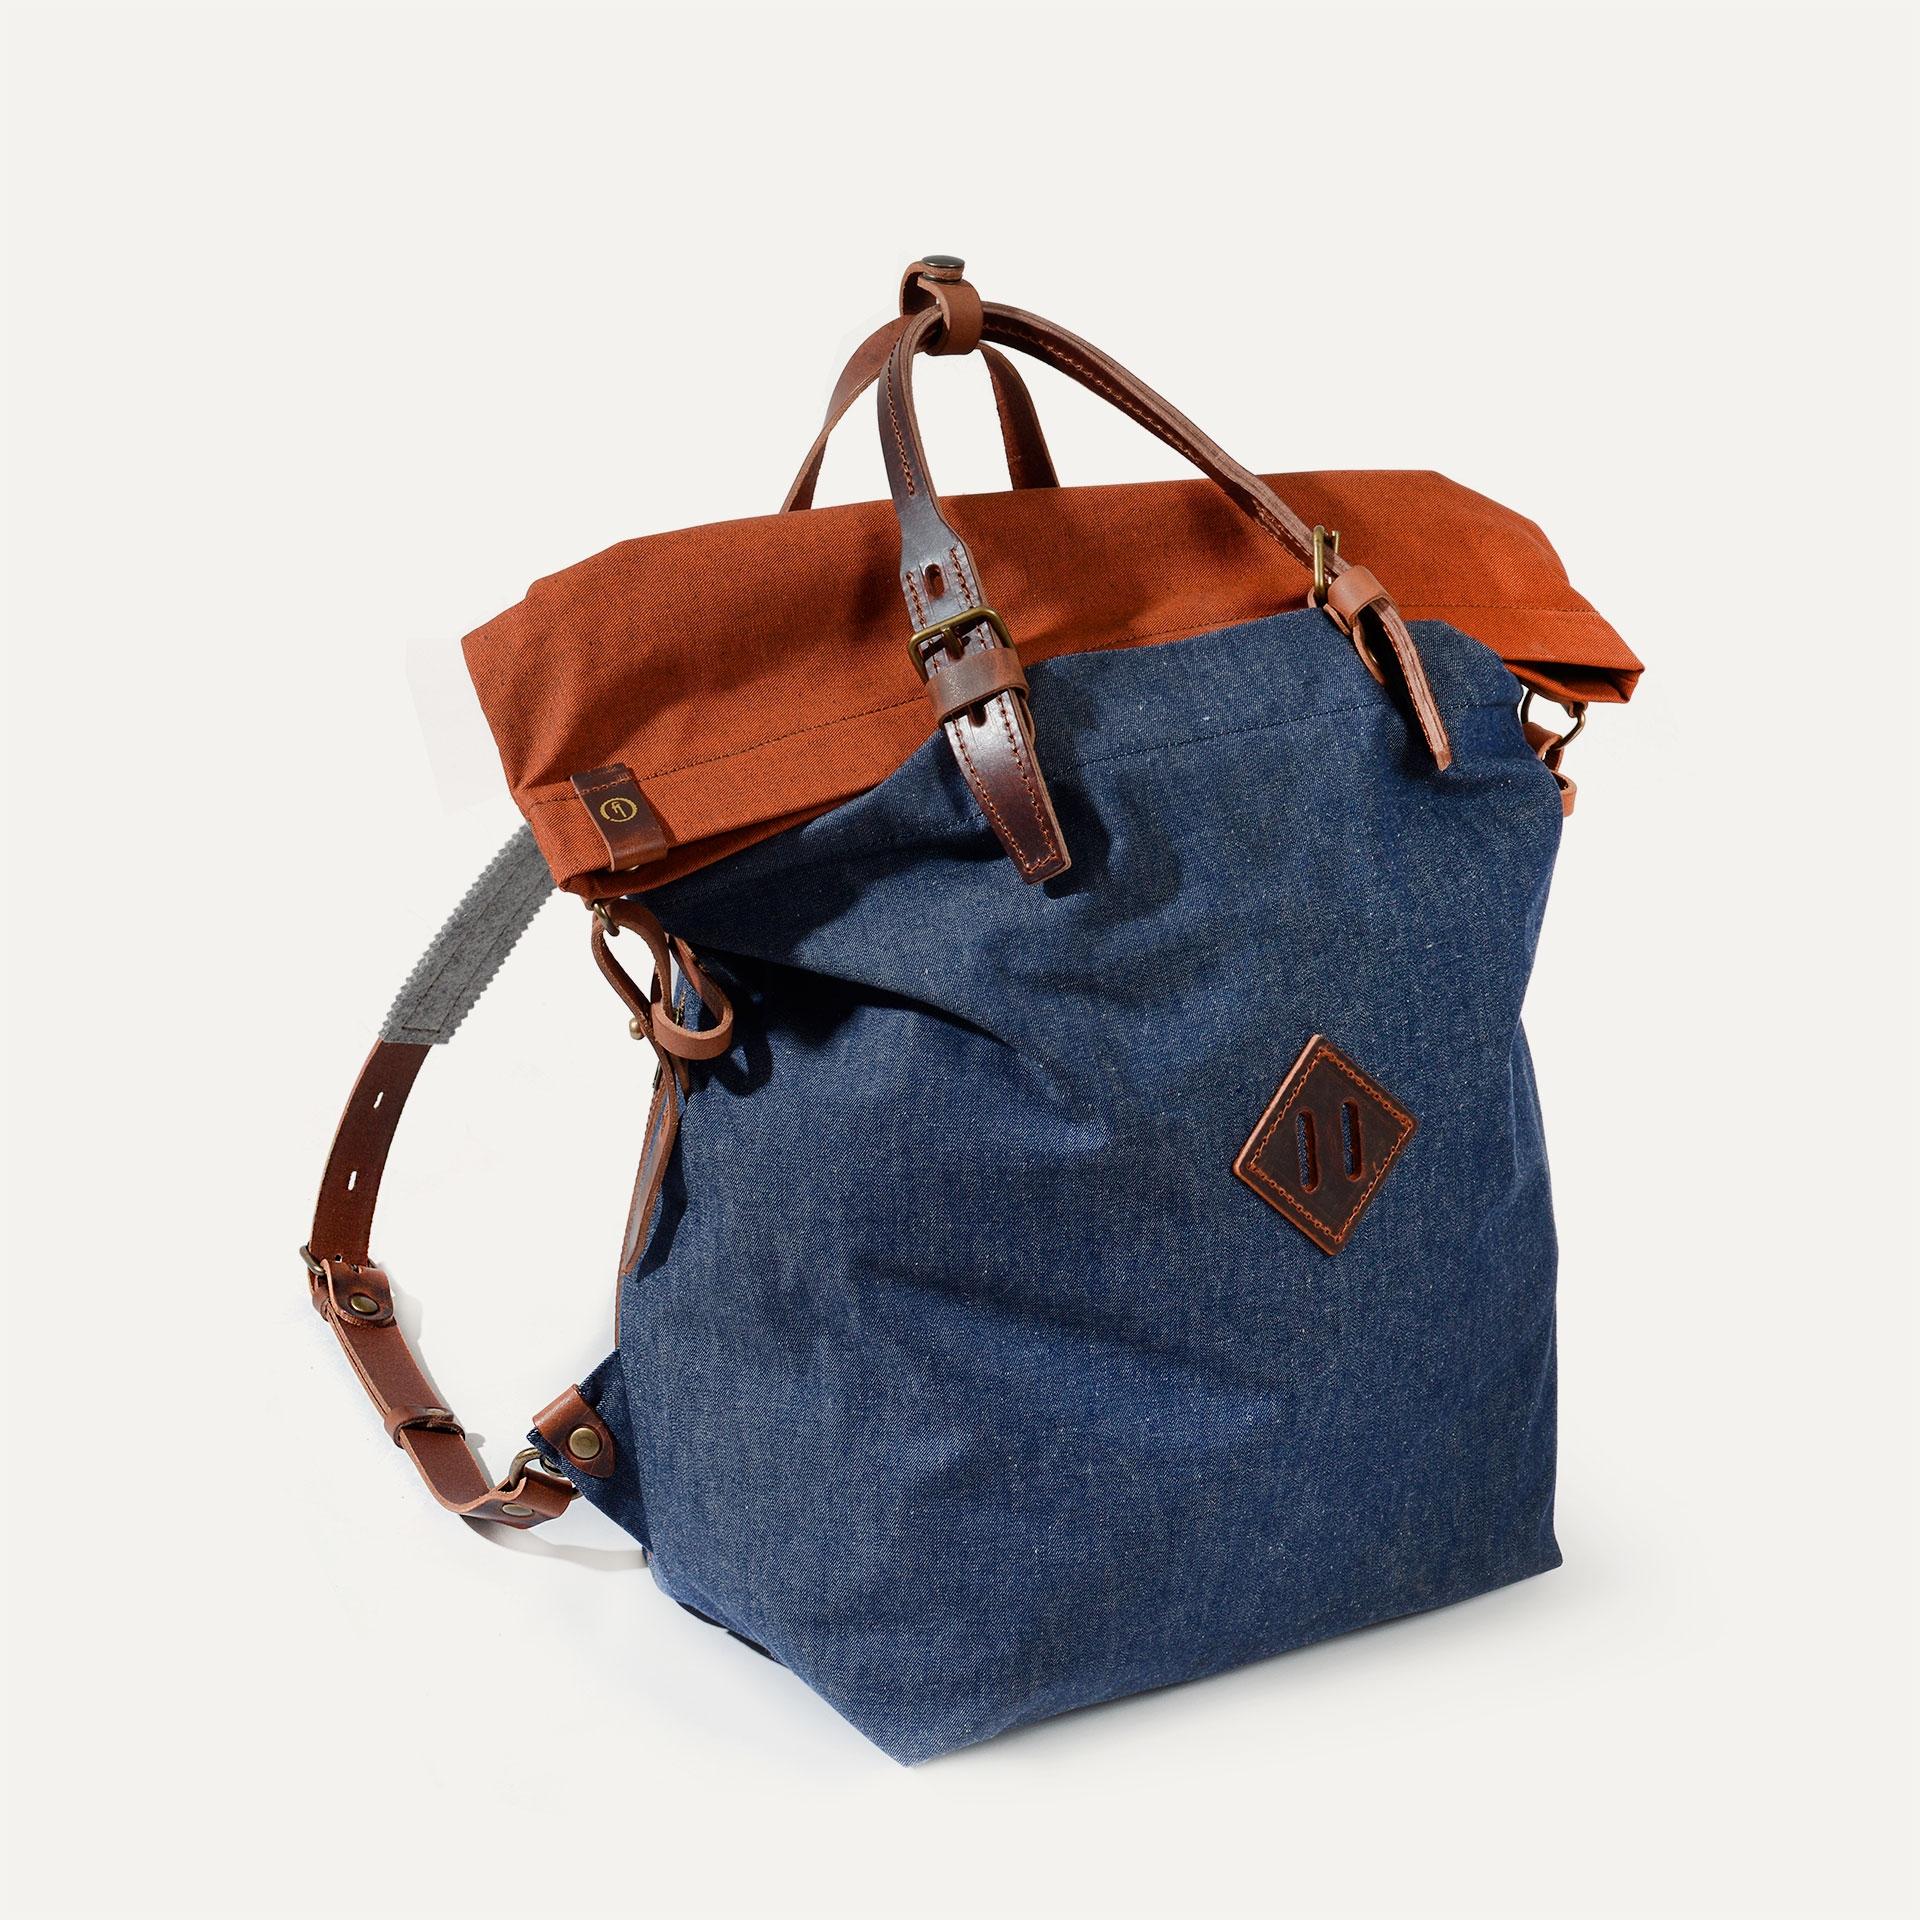 Woody M Backpack - Denim/Terra cotta (image n°2)